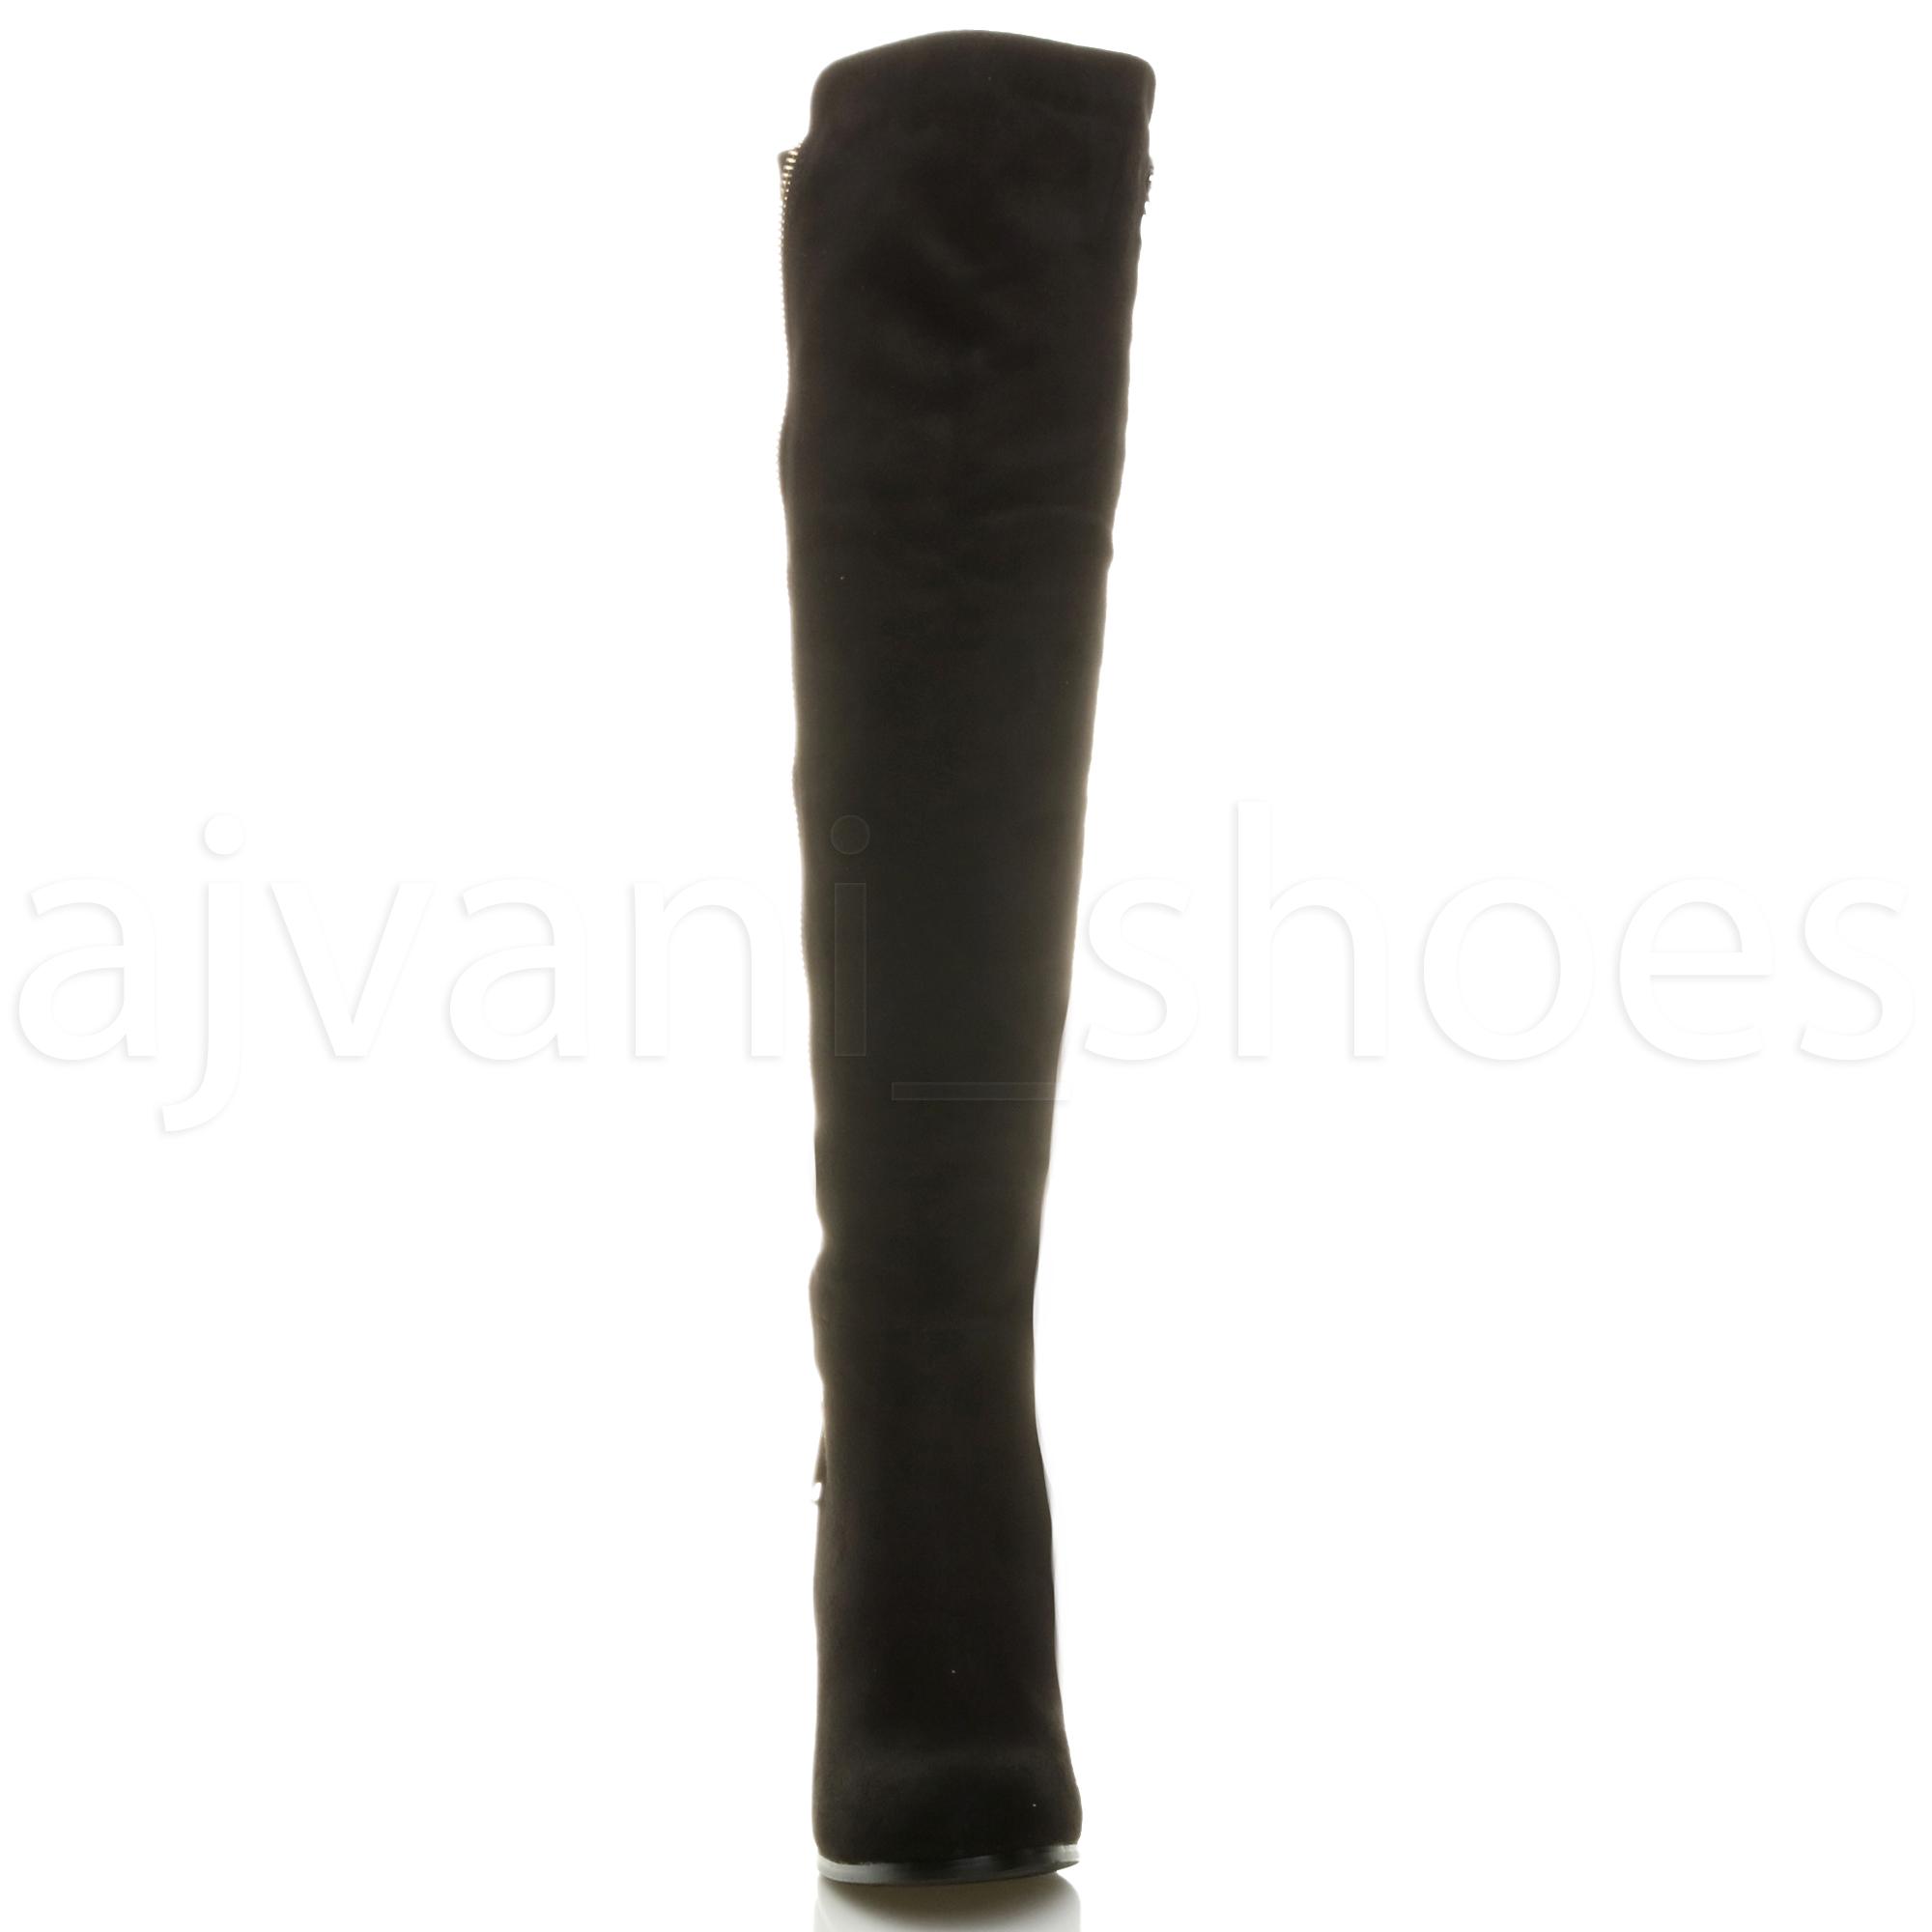 Femmes Haut Talon Bloc élastique Zip Bottes Cheval Cuissardes Pointure 5 38 CD1occrOXV